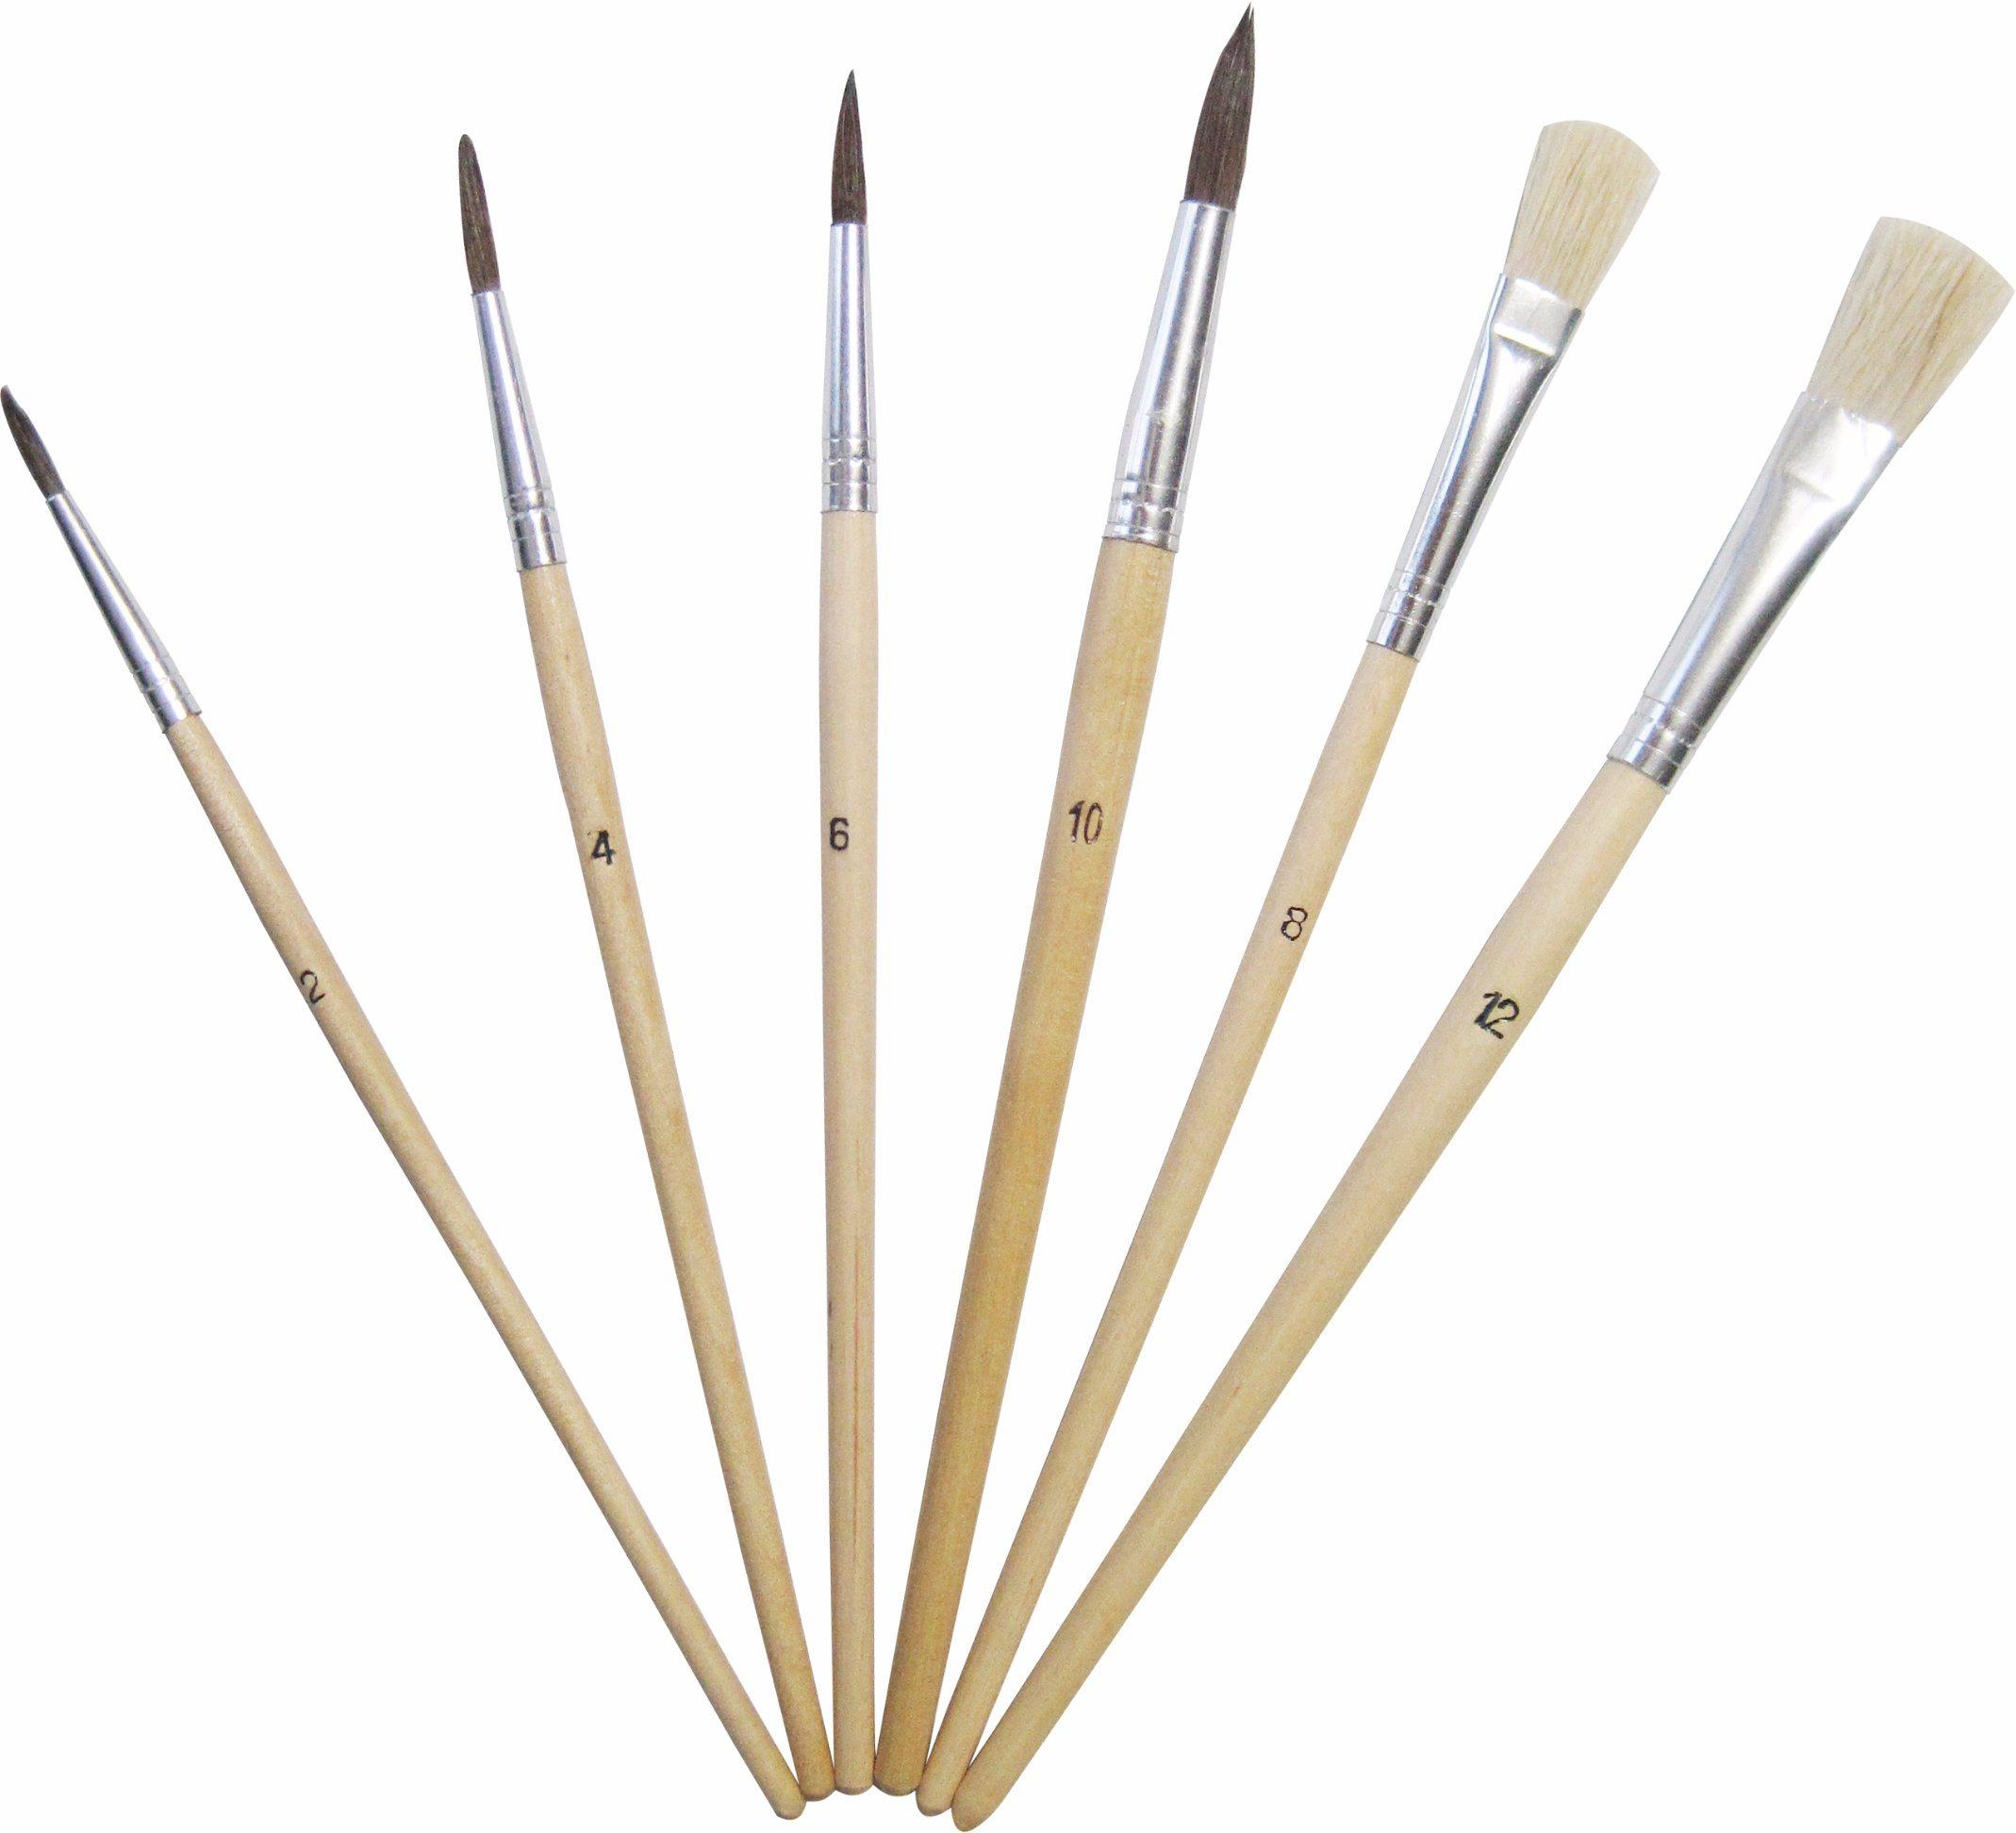 Nylon Hair Brush Set Art Paint Brush